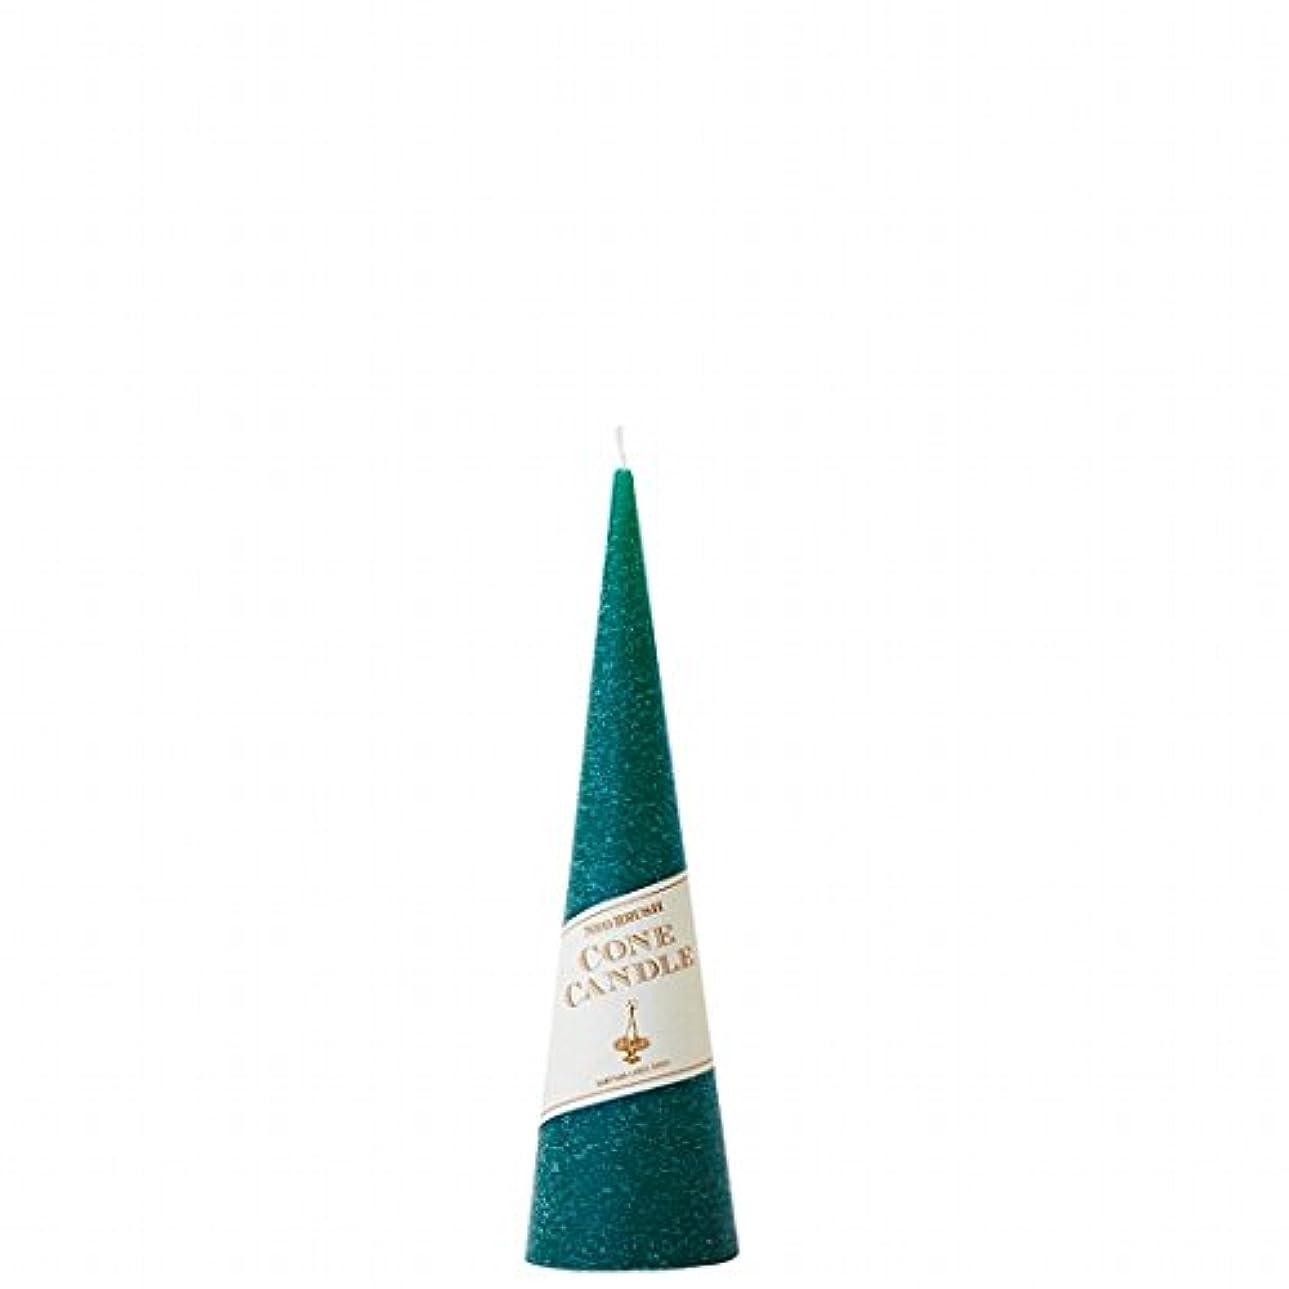 ぐるぐるもう一度なにkameyama candle(カメヤマキャンドル) ネオブラッシュコーン 180 キャンドル 「 グリーン 」(A9750010G)